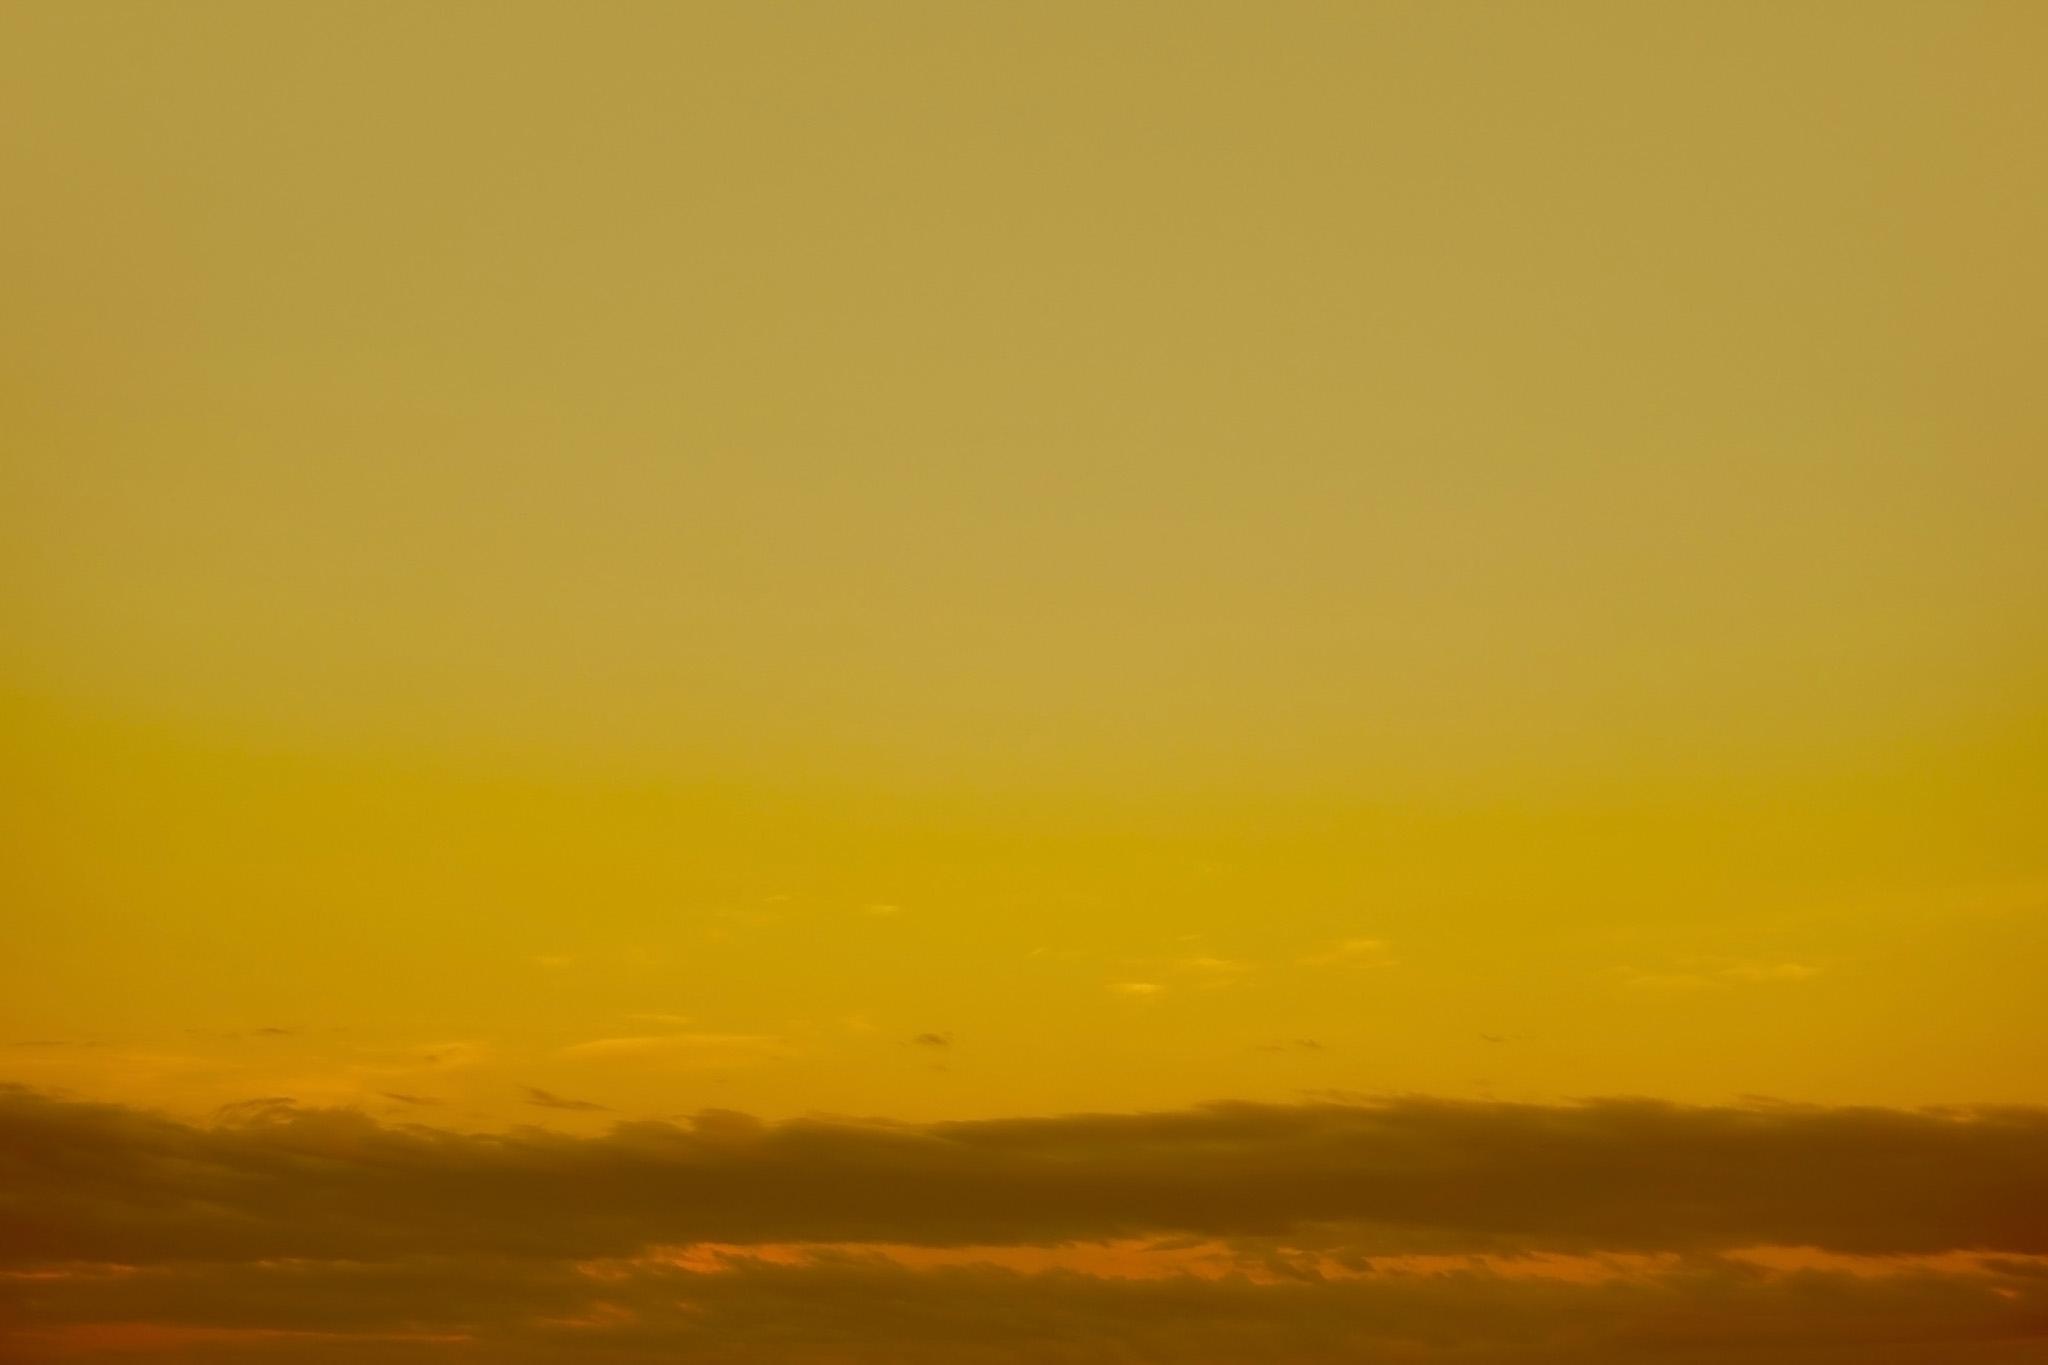 「金色の空に黒雲が這う夕焼け」